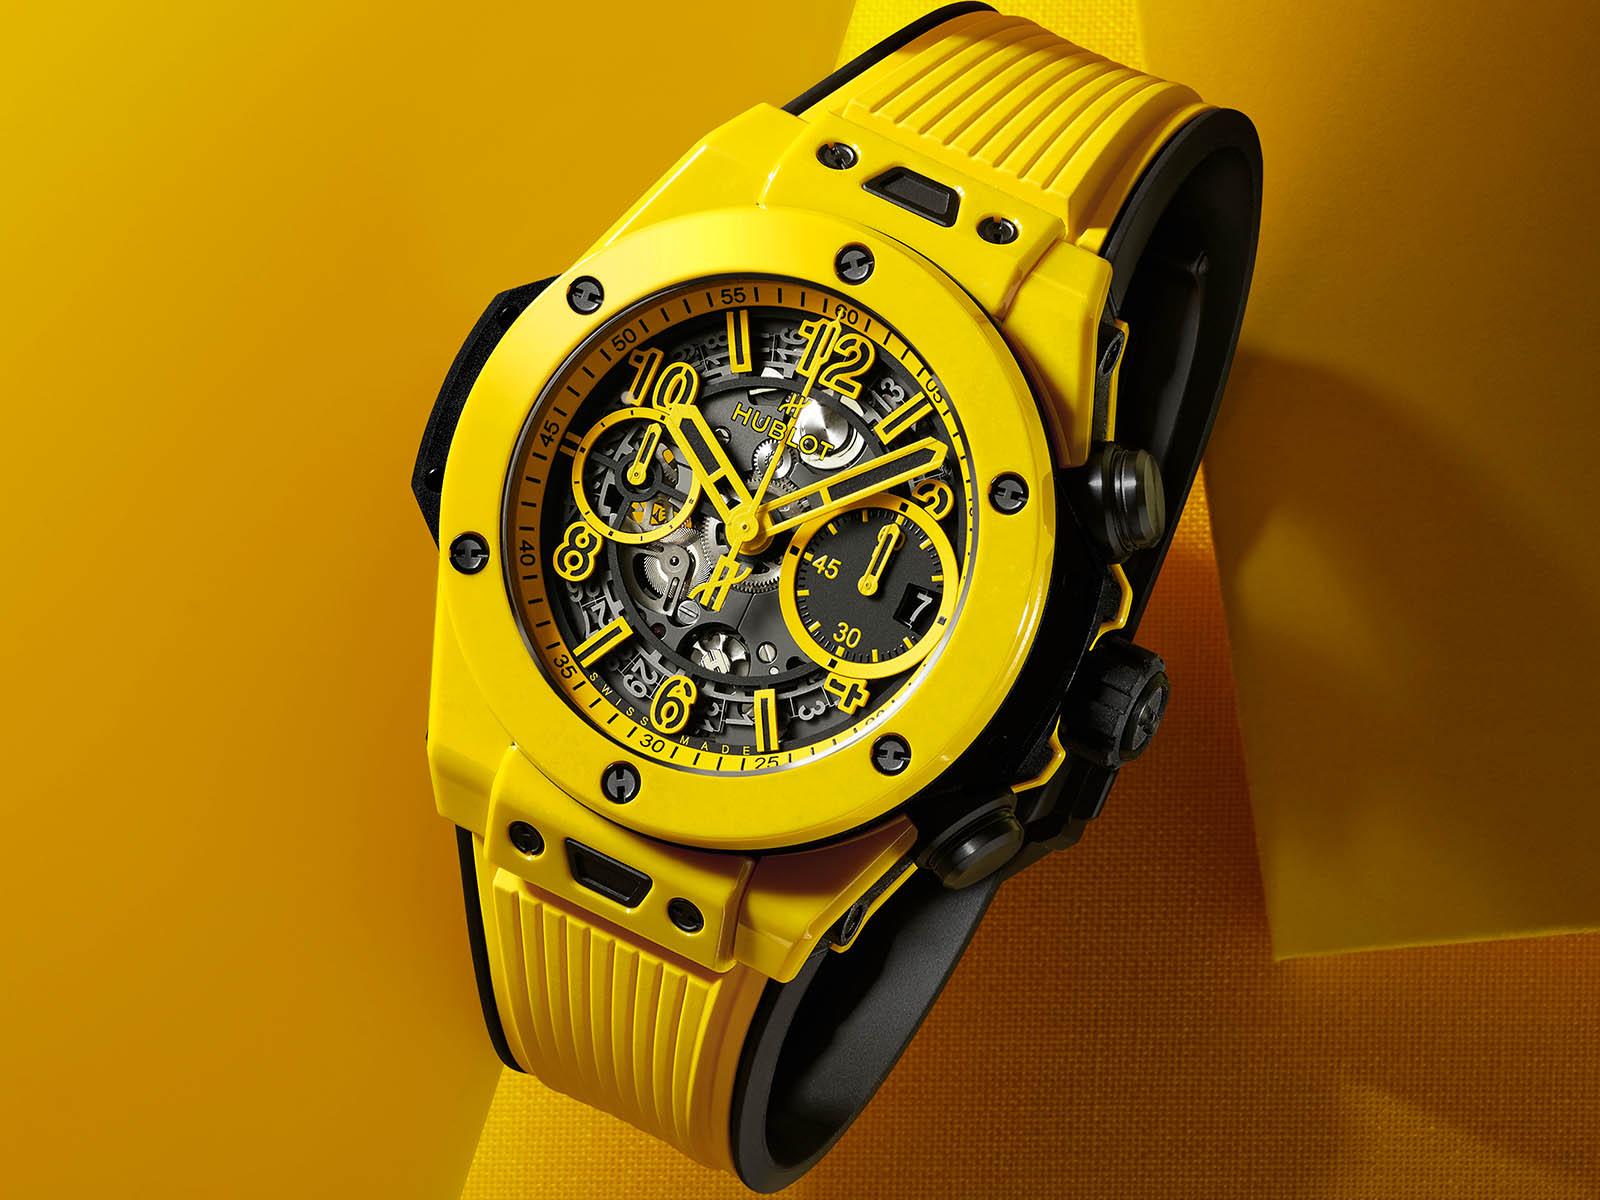 441-cy-471y-rx-hublot-big-bang-unico-yellow-magic-2.jpg